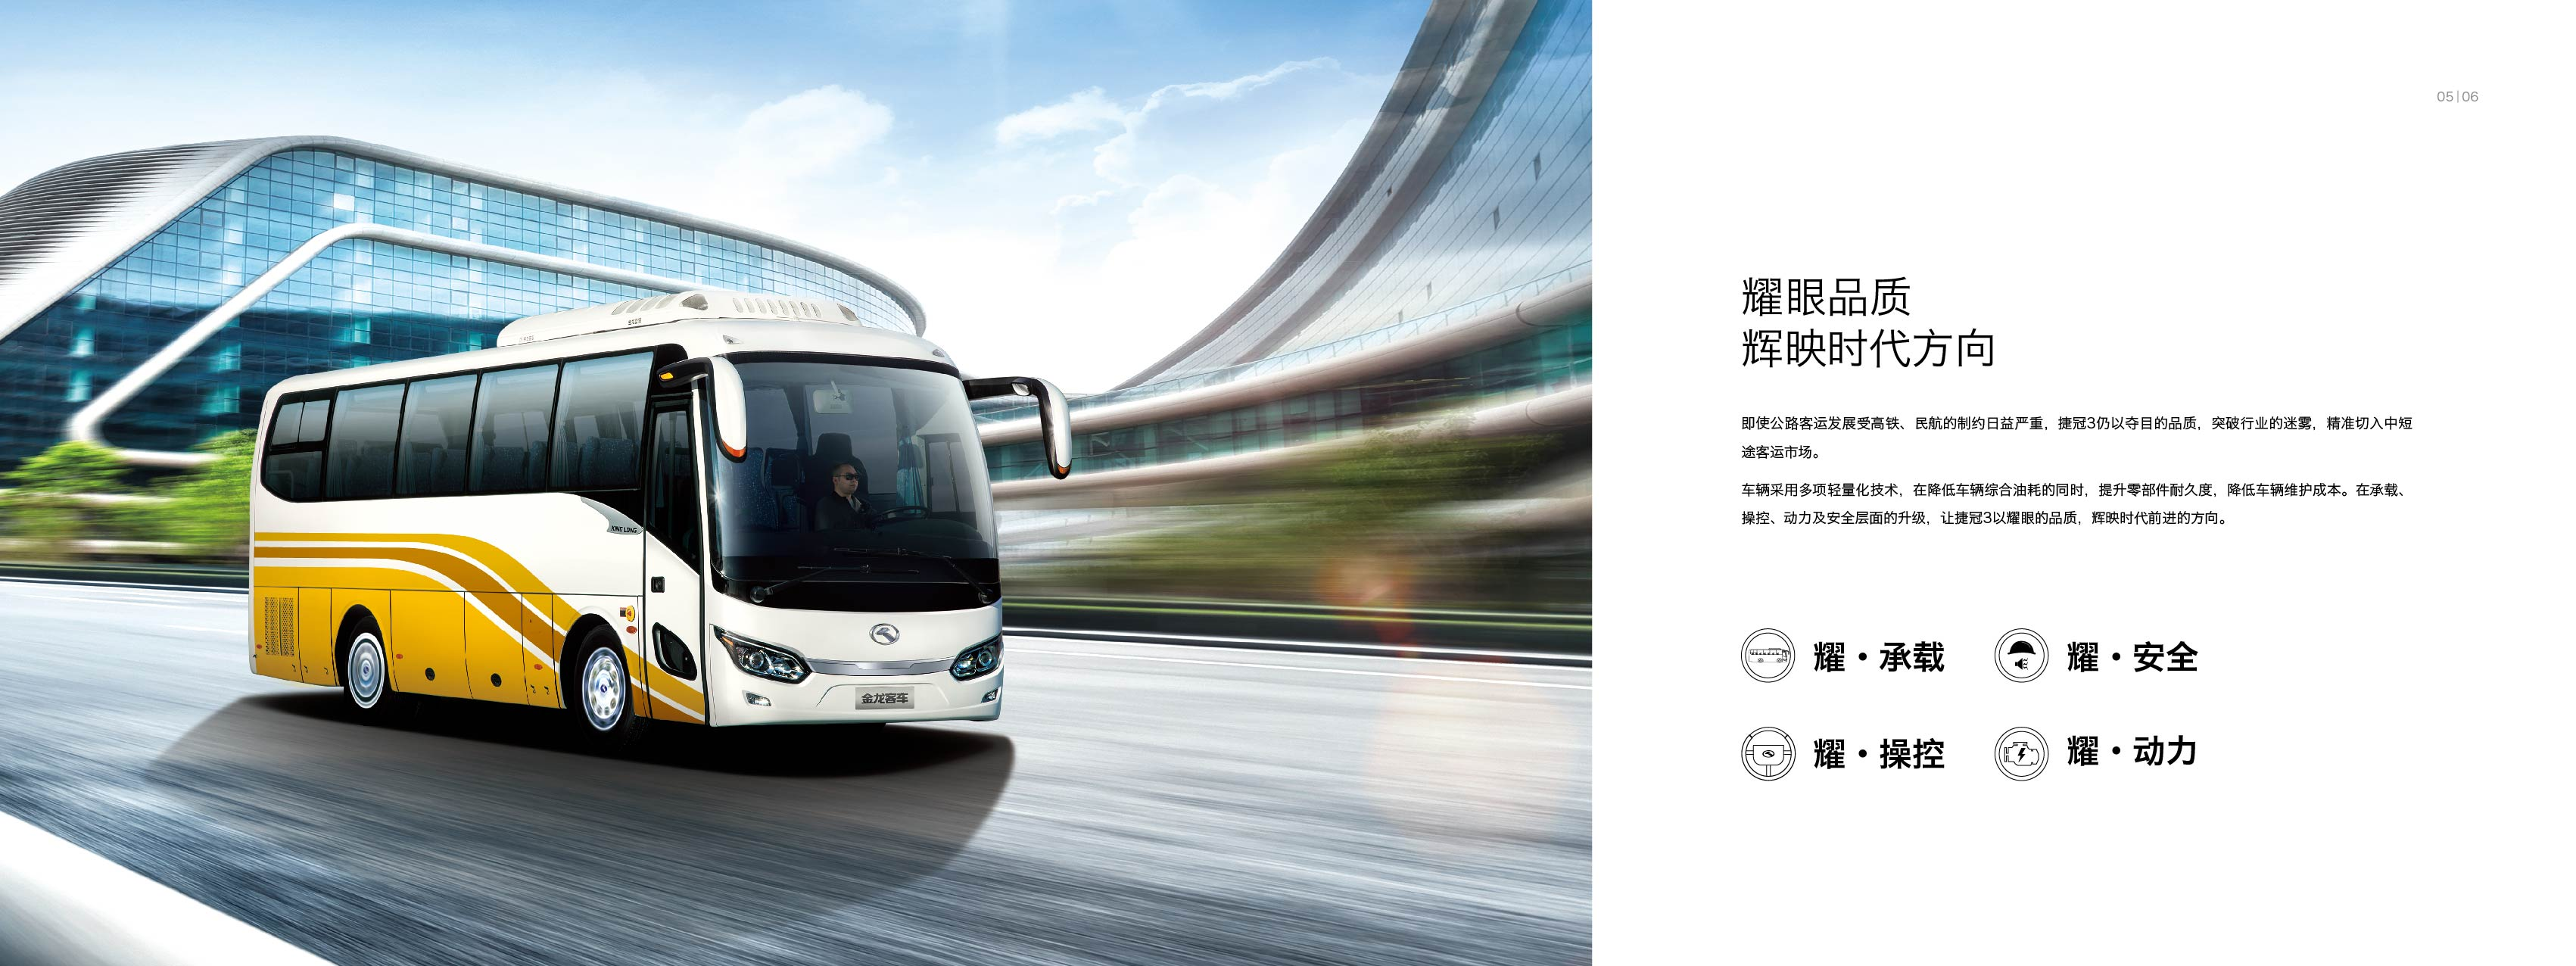 溫州金龍客車車位尺寸 歡迎來電「寧波昕龍汽車銷售供應」